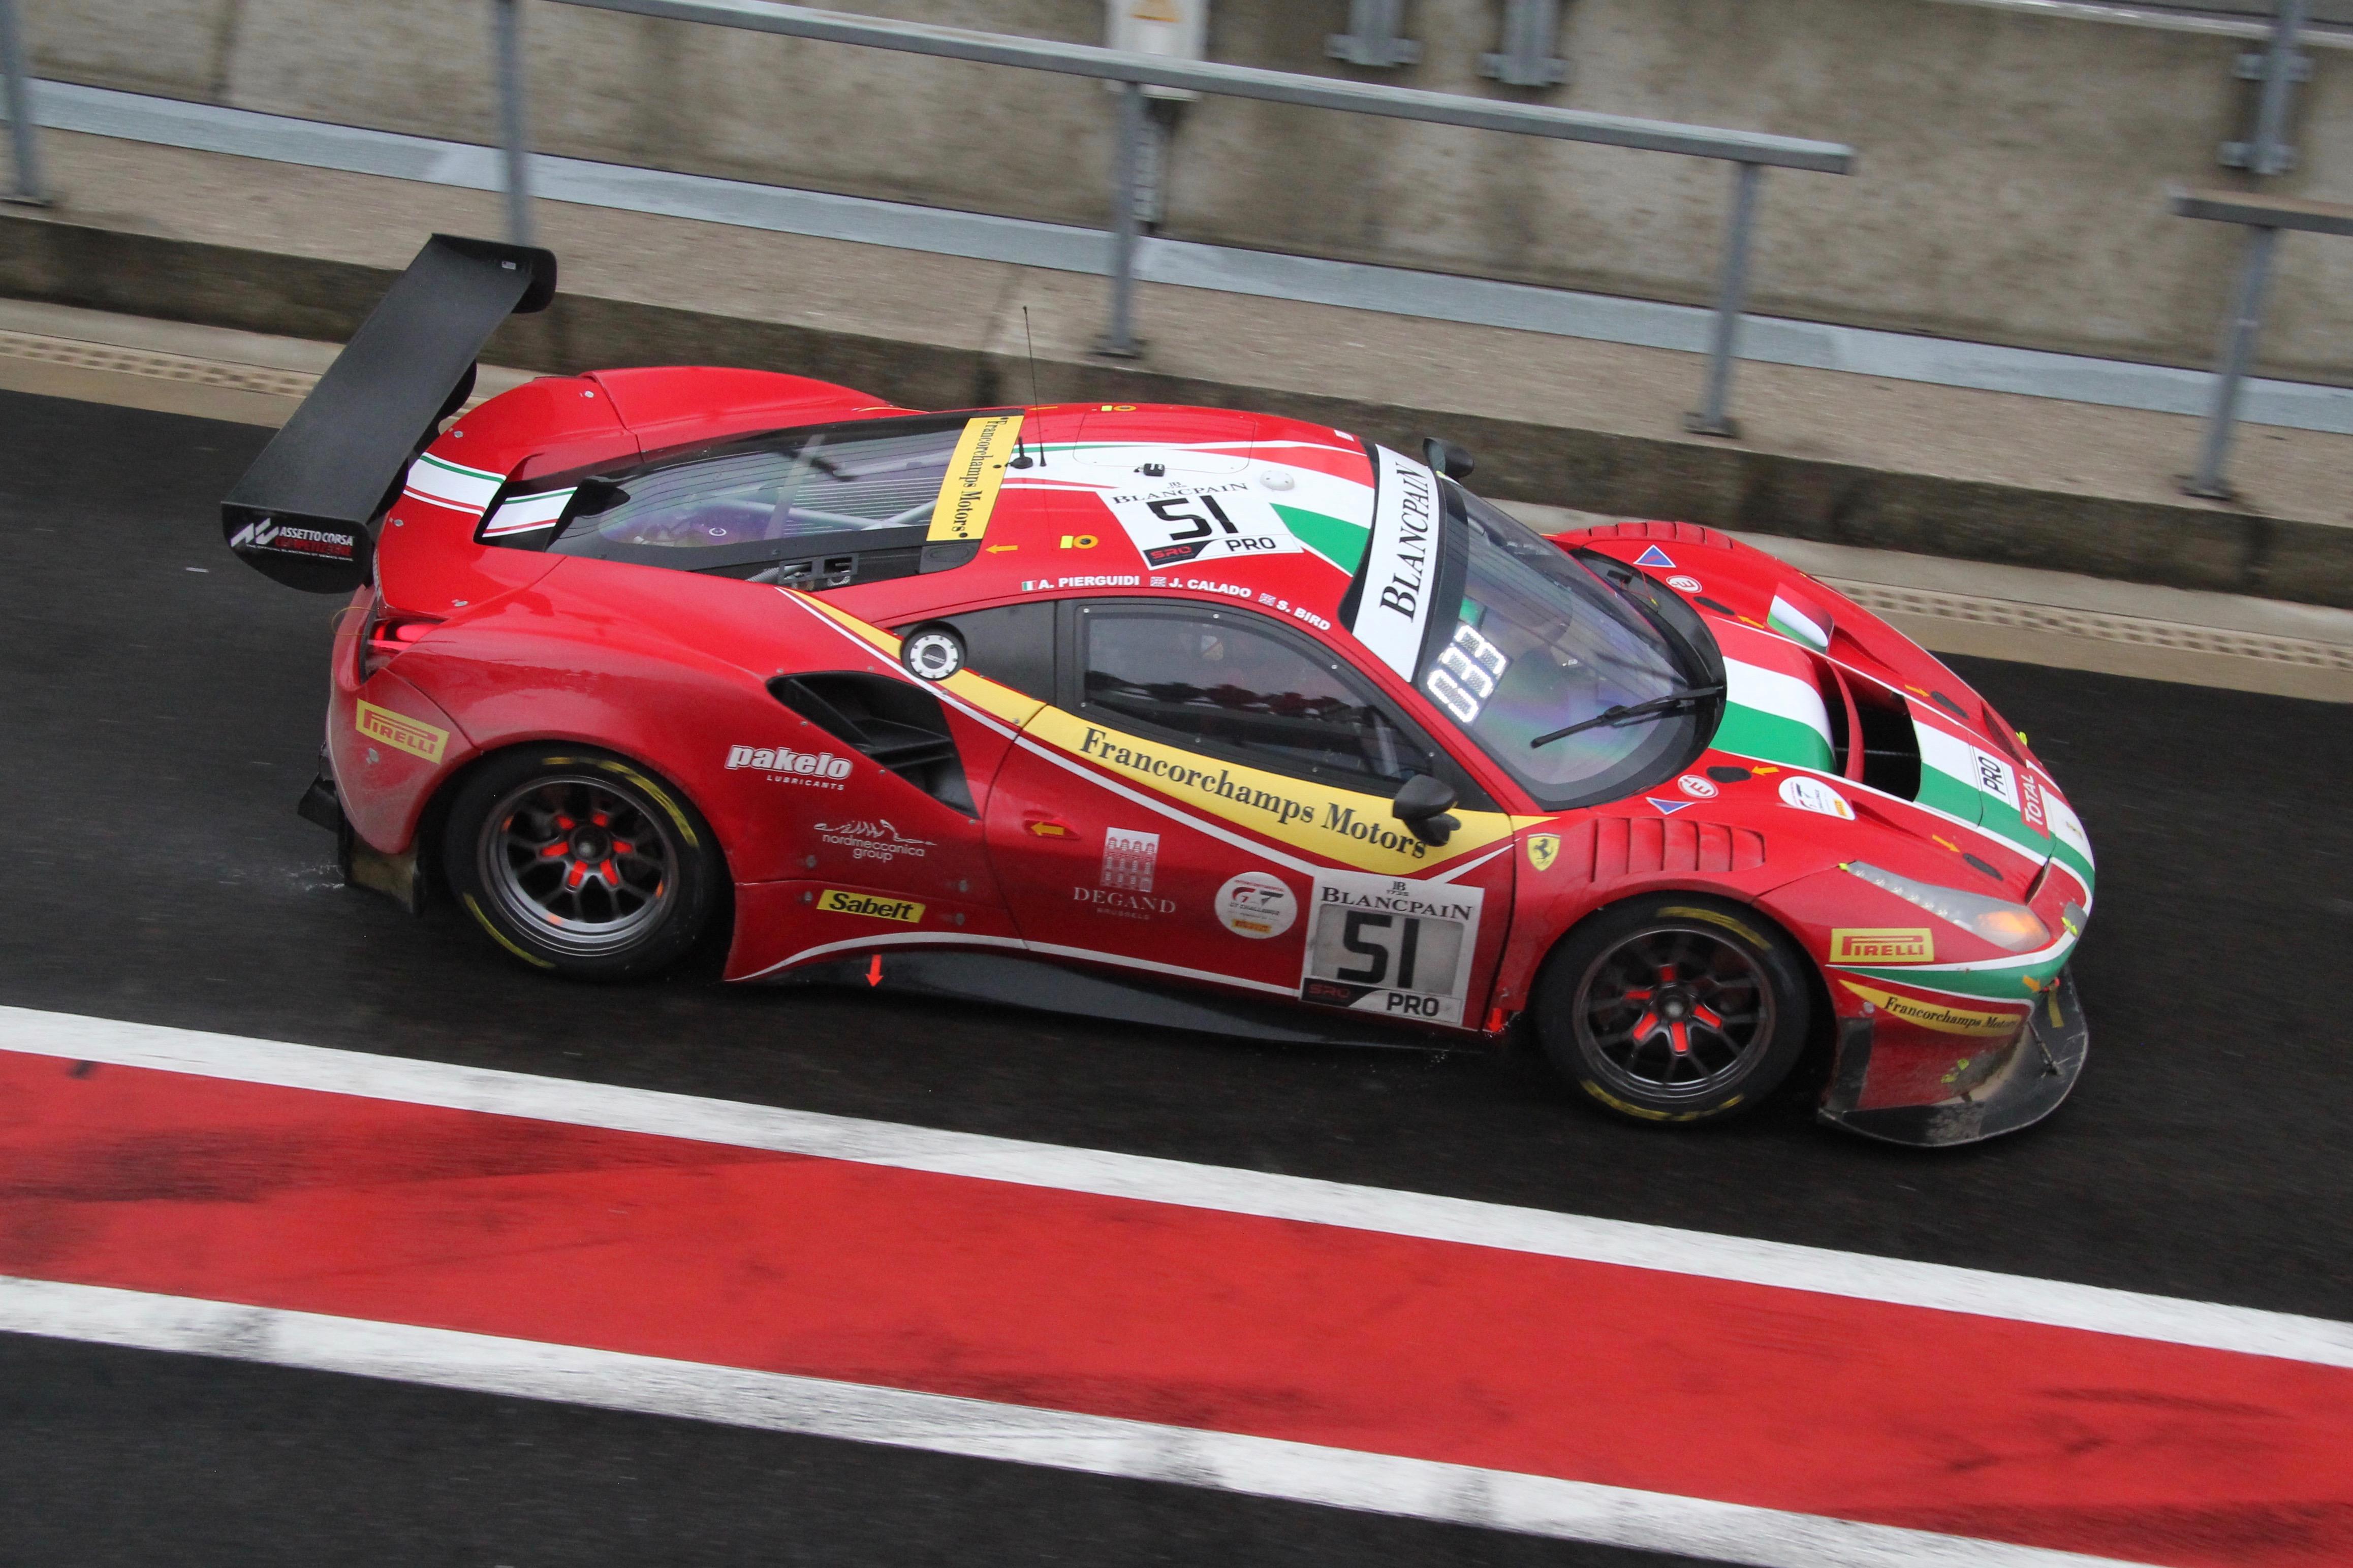 Ferrari 488 GT3 - n33 - Total 24 Heures de Spa 2019 - photo Ludo Ferrari